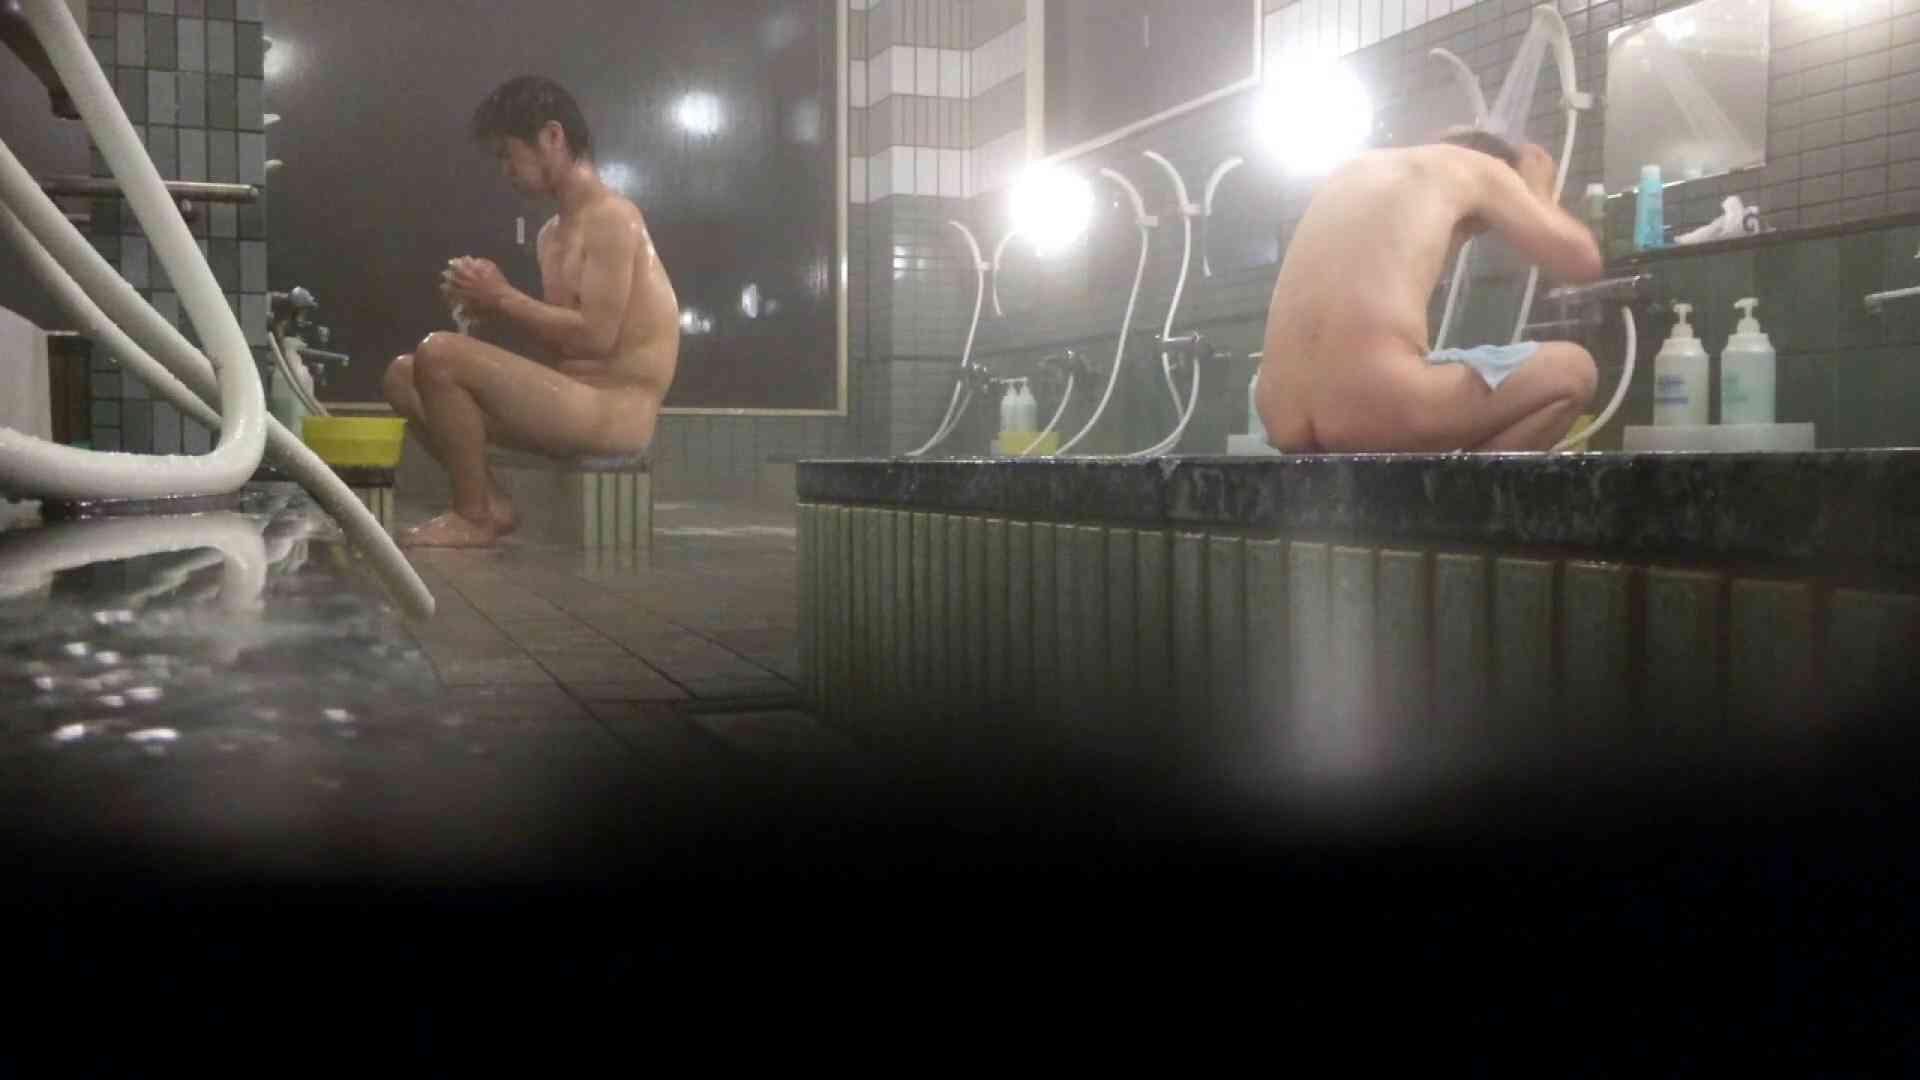 行くぜ!がっつり男風呂!Vol.07 裸 | 男天国  109pic 24